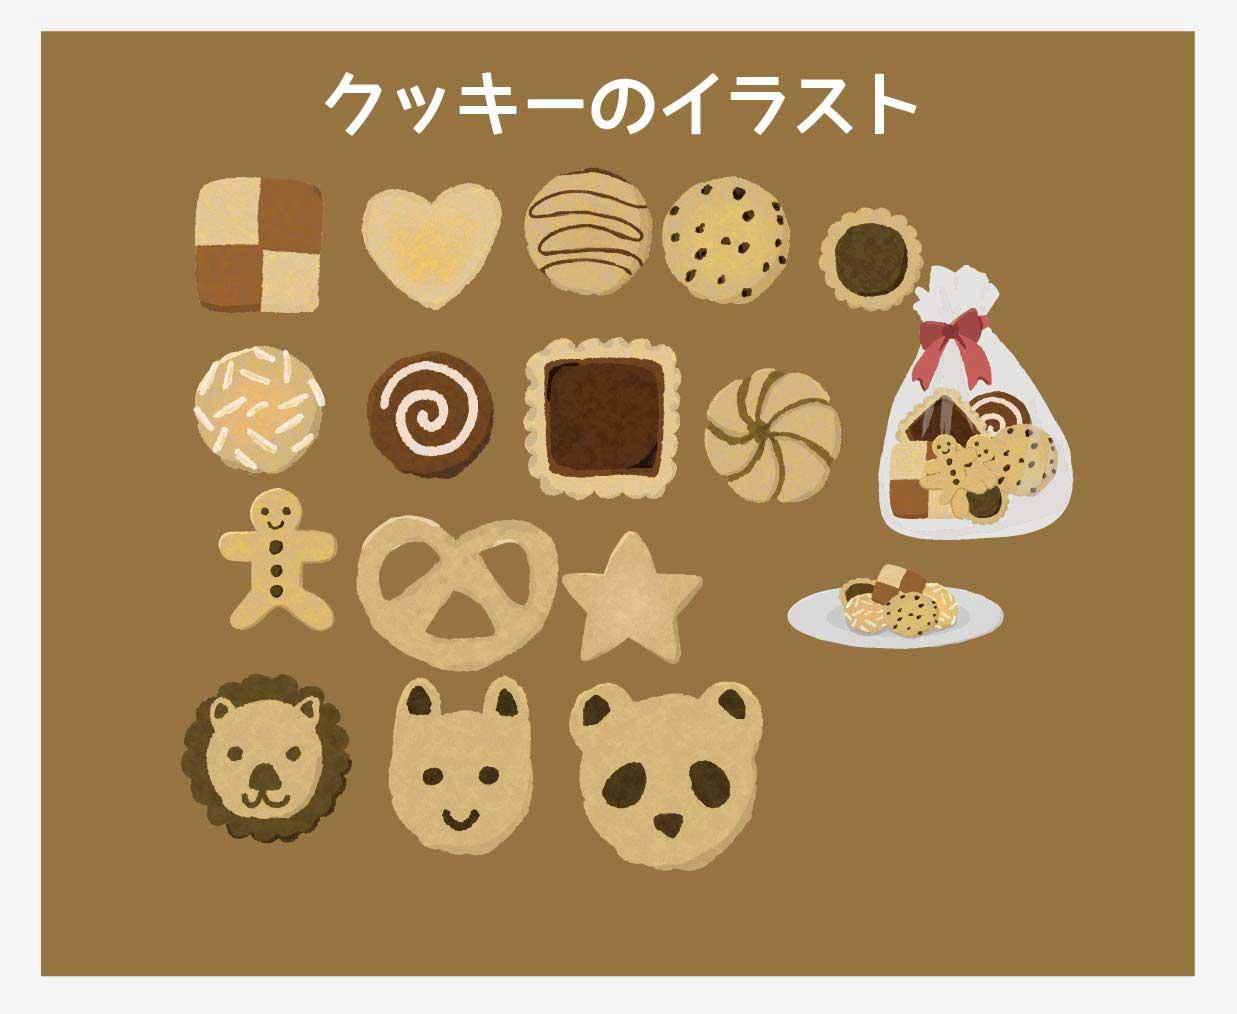 クッキーのベクターイラスト